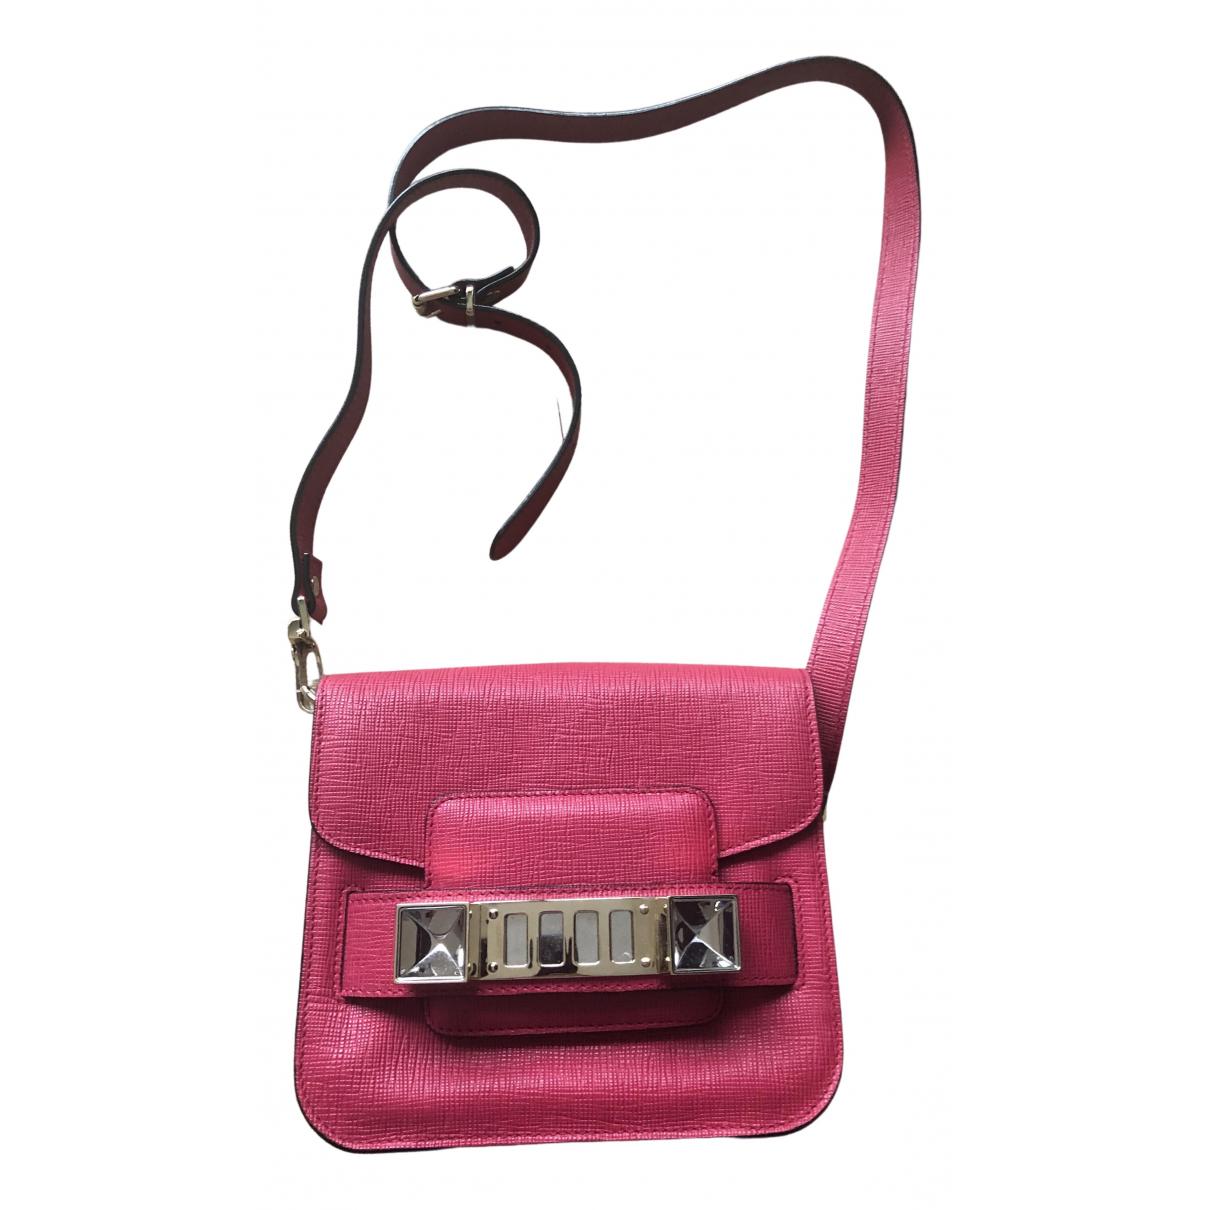 Proenza Schouler - Sac a main PS11 pour femme en cuir